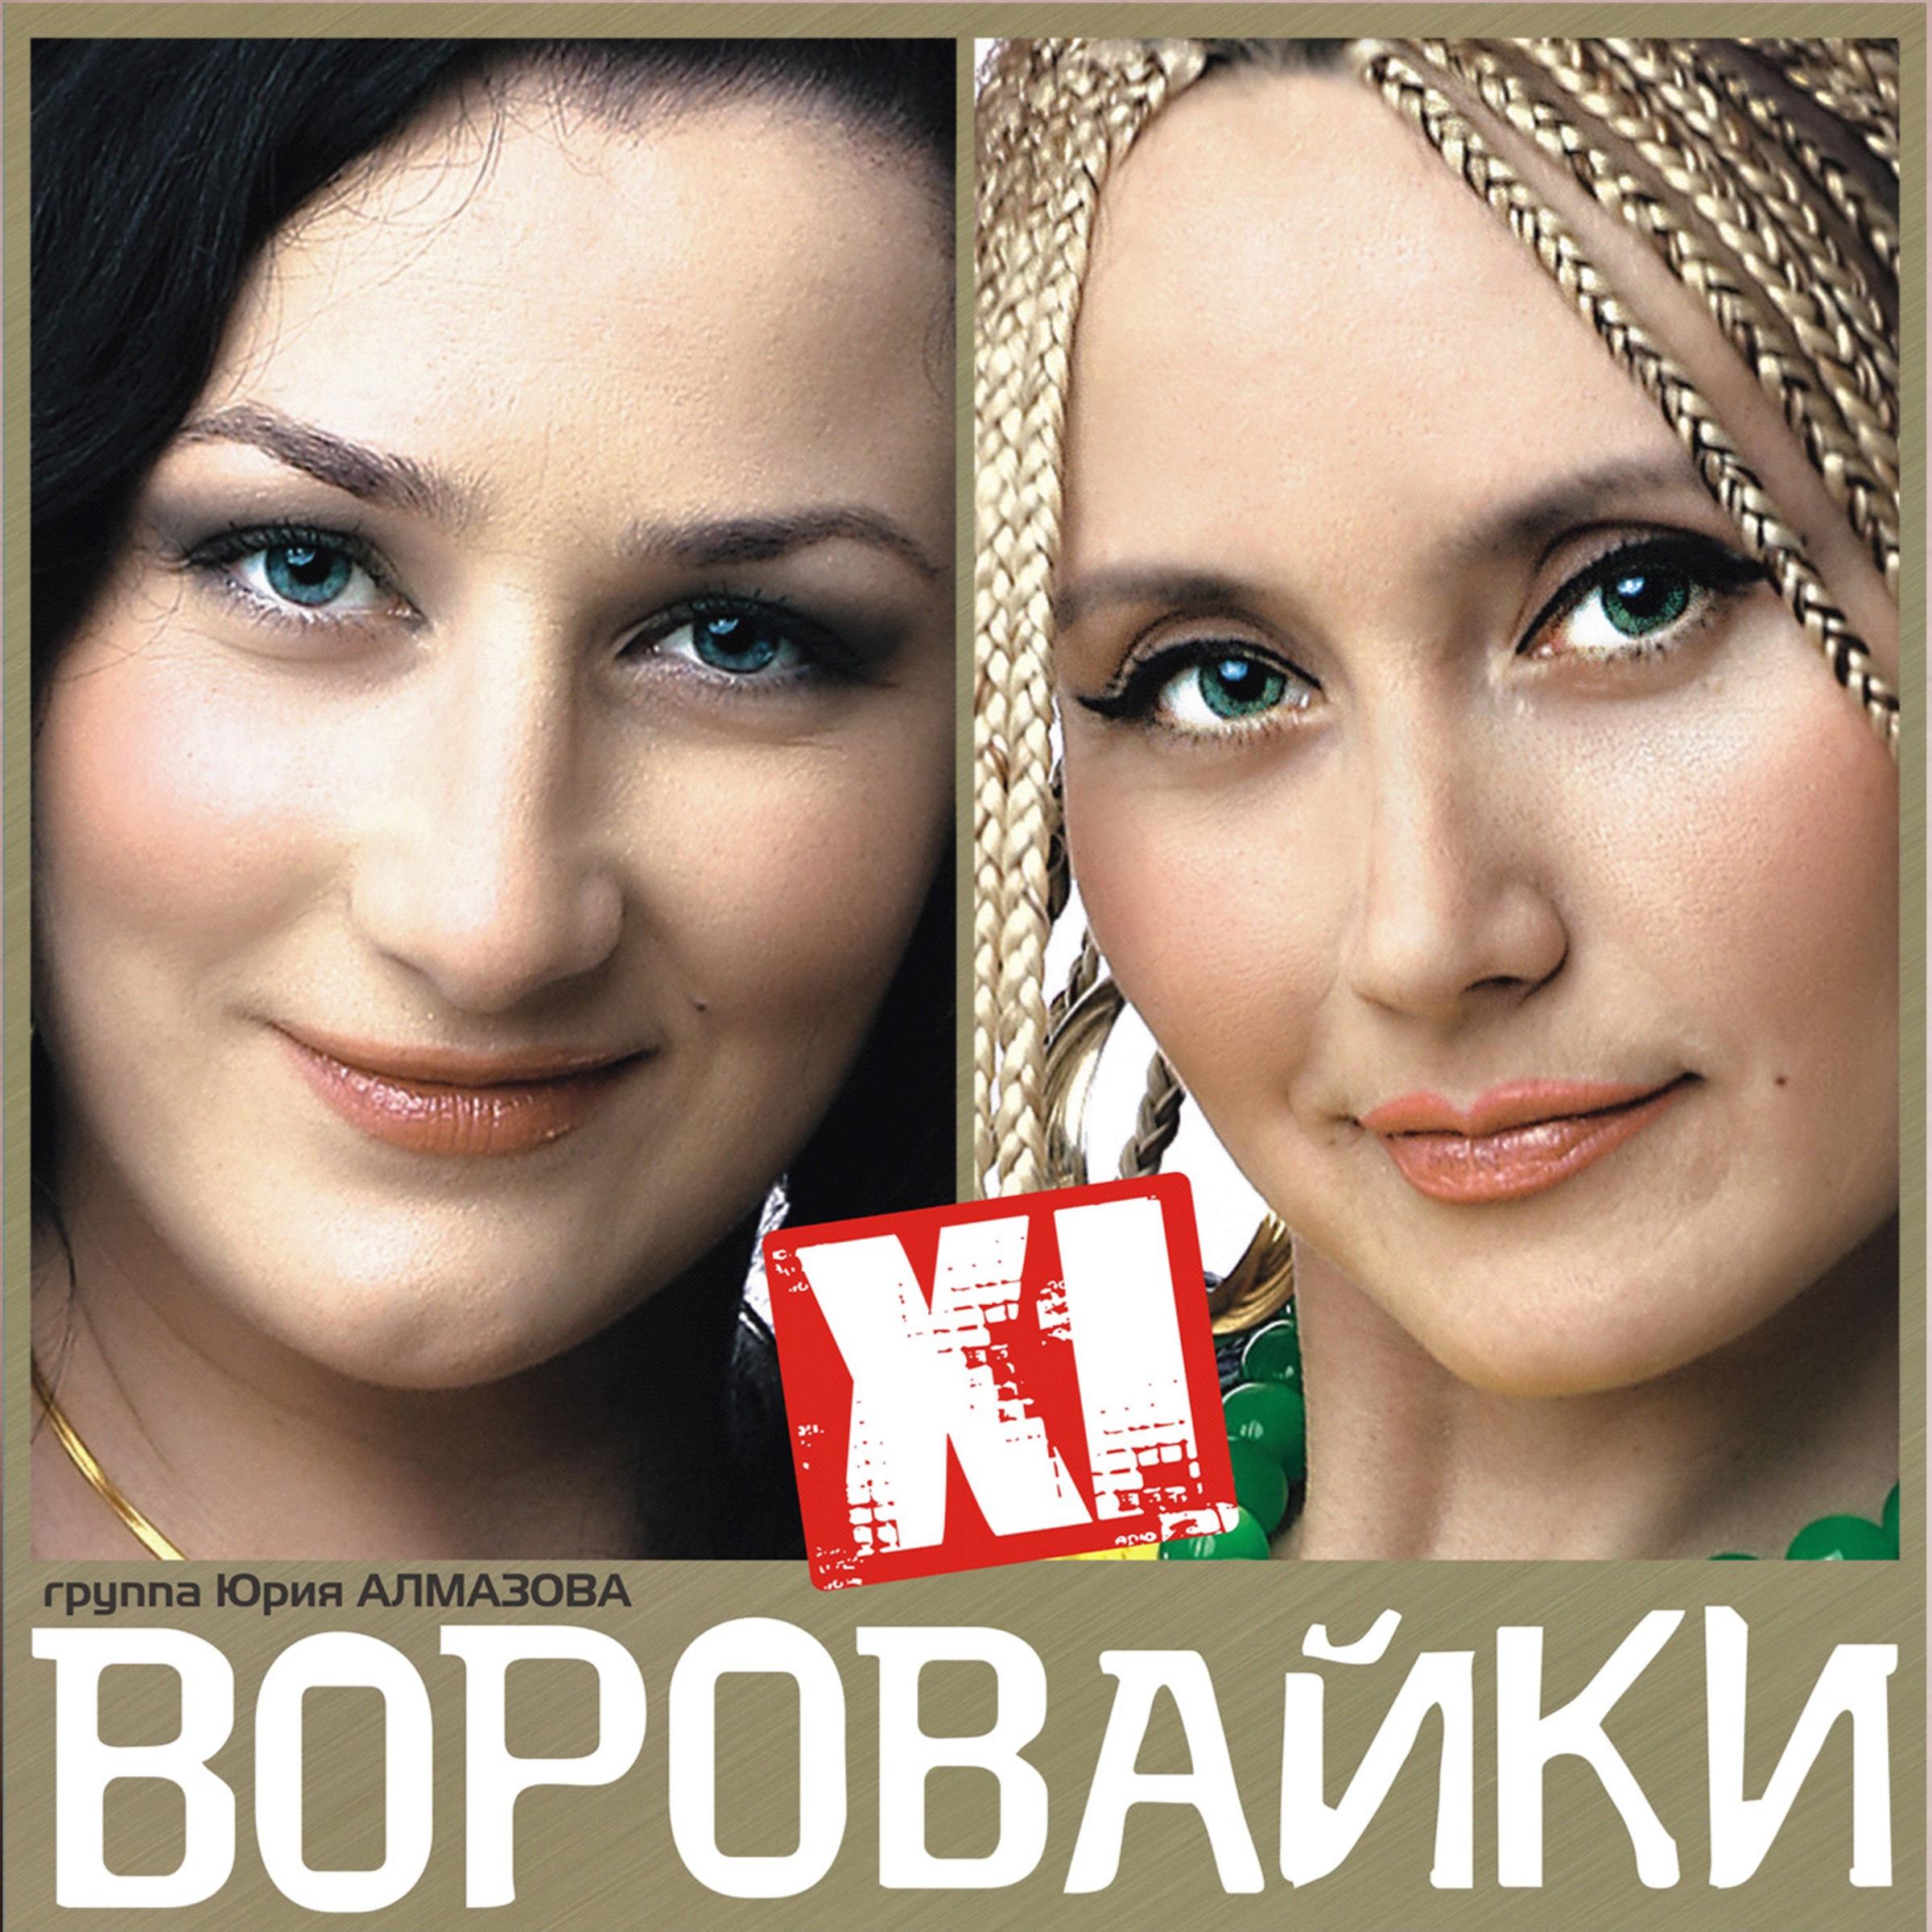 vorovayki-ponyuhay-popku